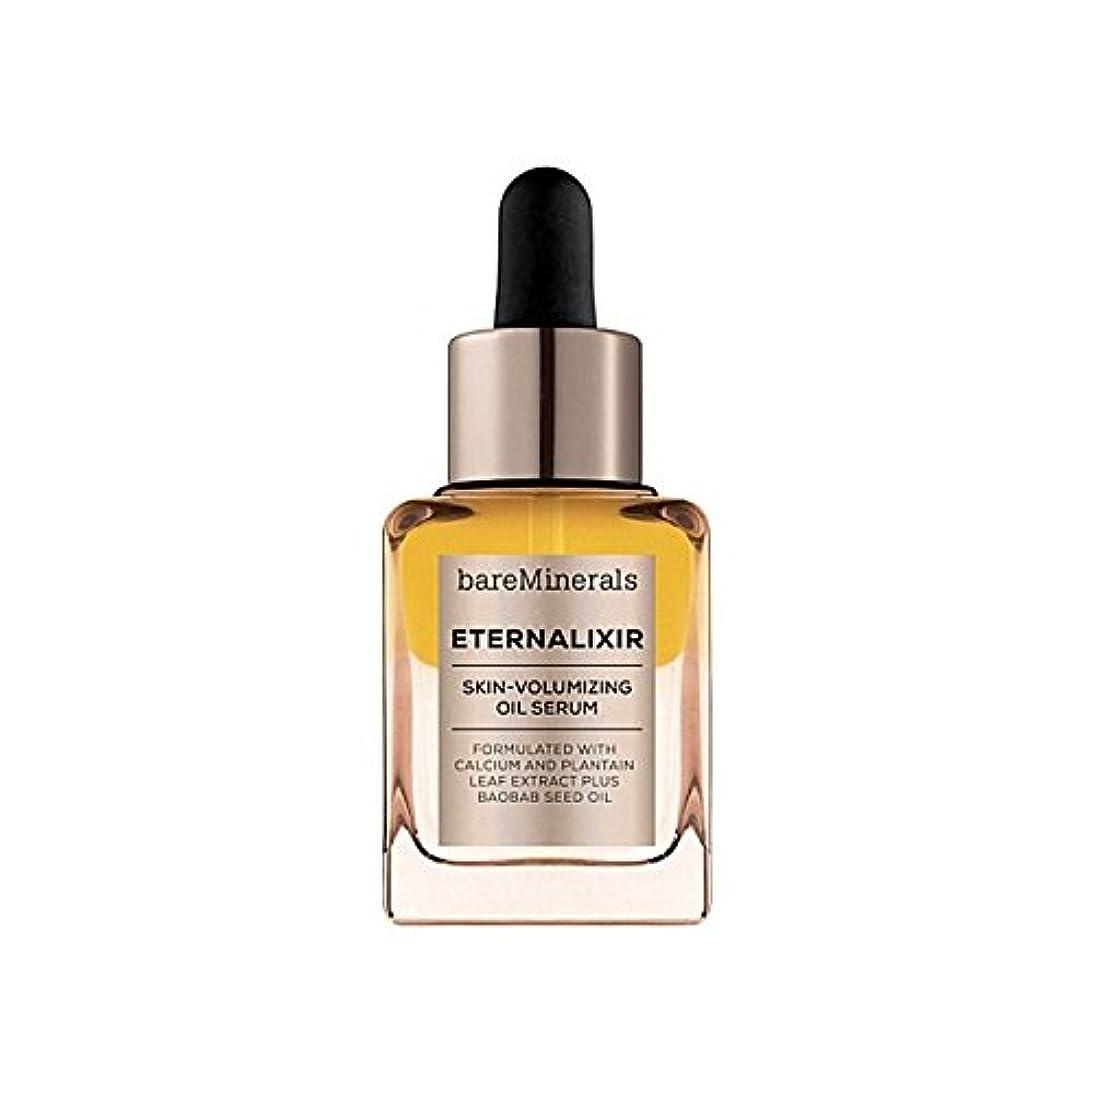 忘れっぽい魅惑的な雑草ベアミネラル皮膚オイルセラム30 x4 - Bare Minerals Externalixir Skin Volumising Oil Serum 30Ml (Pack of 4) [並行輸入品]